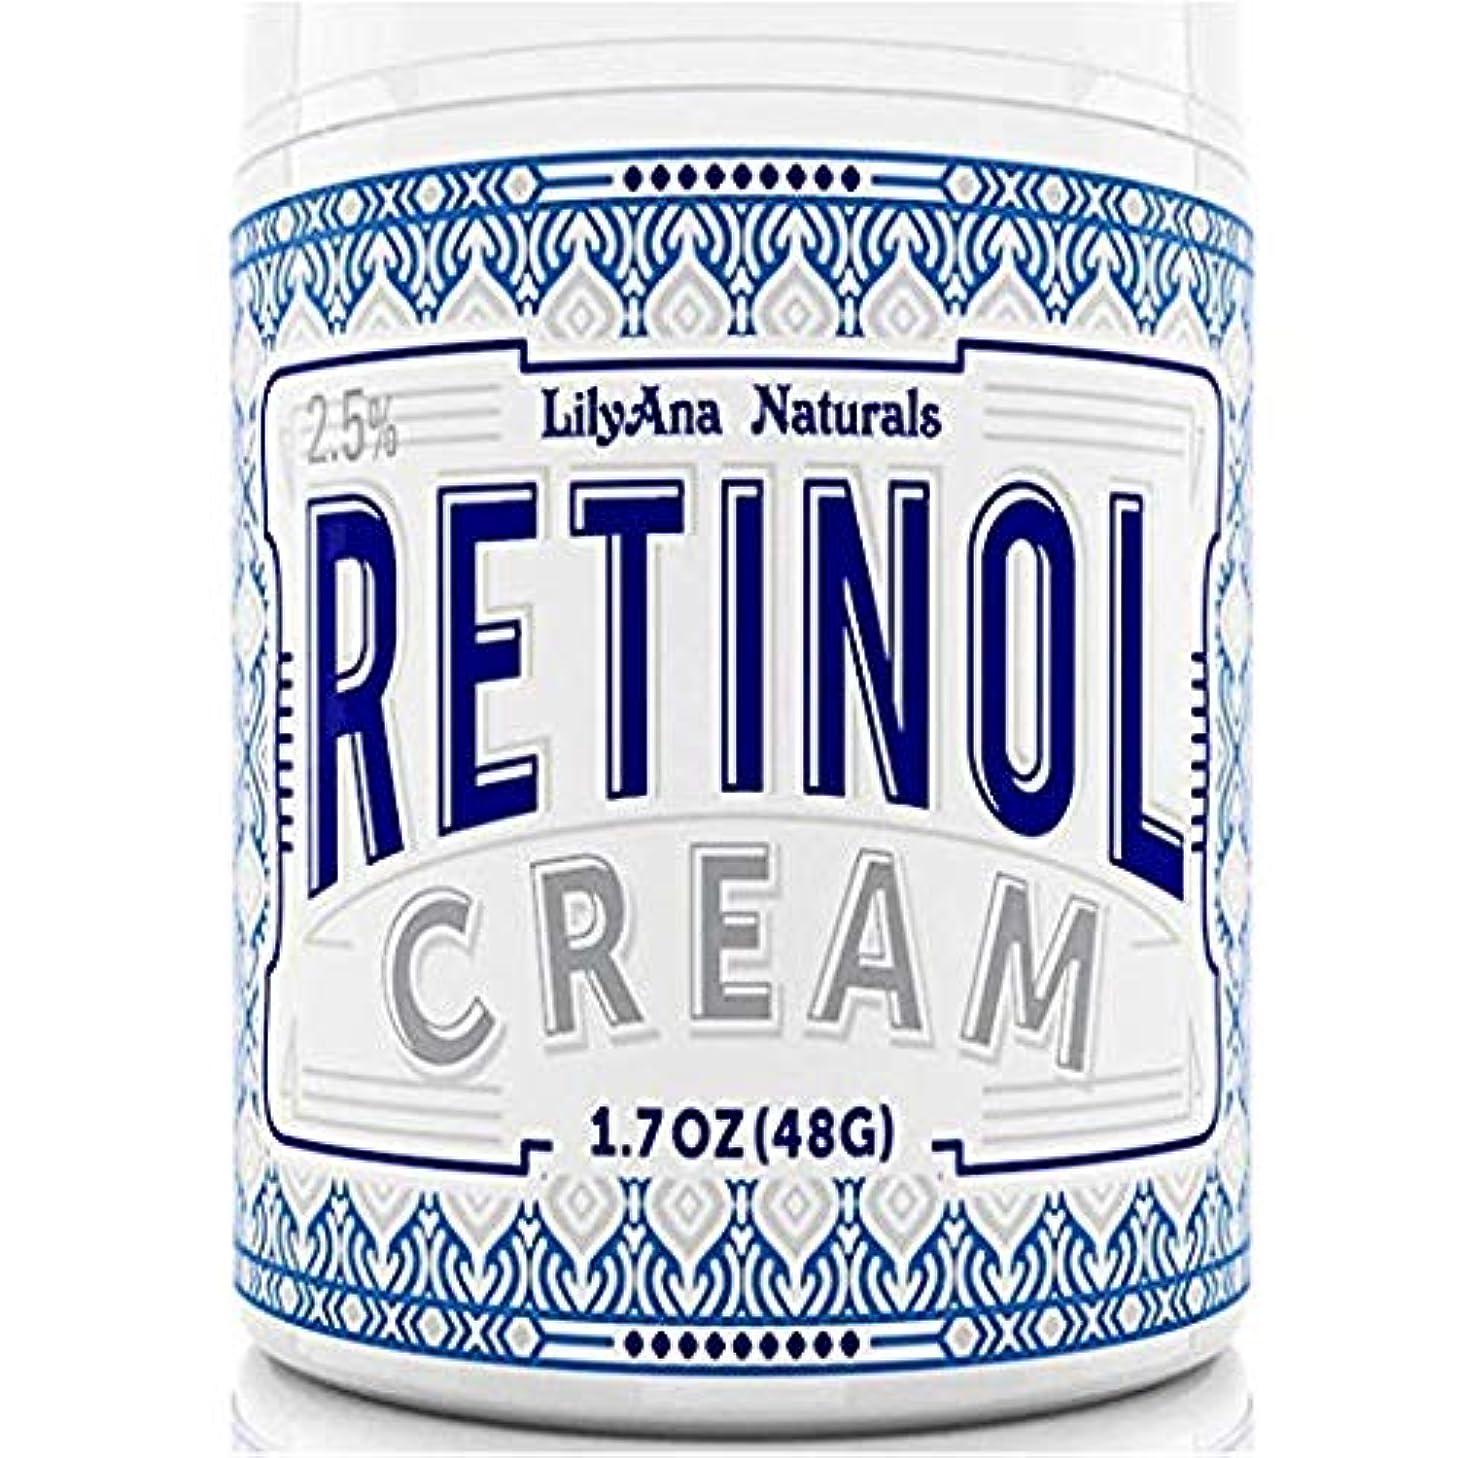 怪物定刻正確なLilyAna 社 の レチノール モイスチャー クリーム LilyAna Naturals Retinol Cream Moisturizer 1.7 Oz